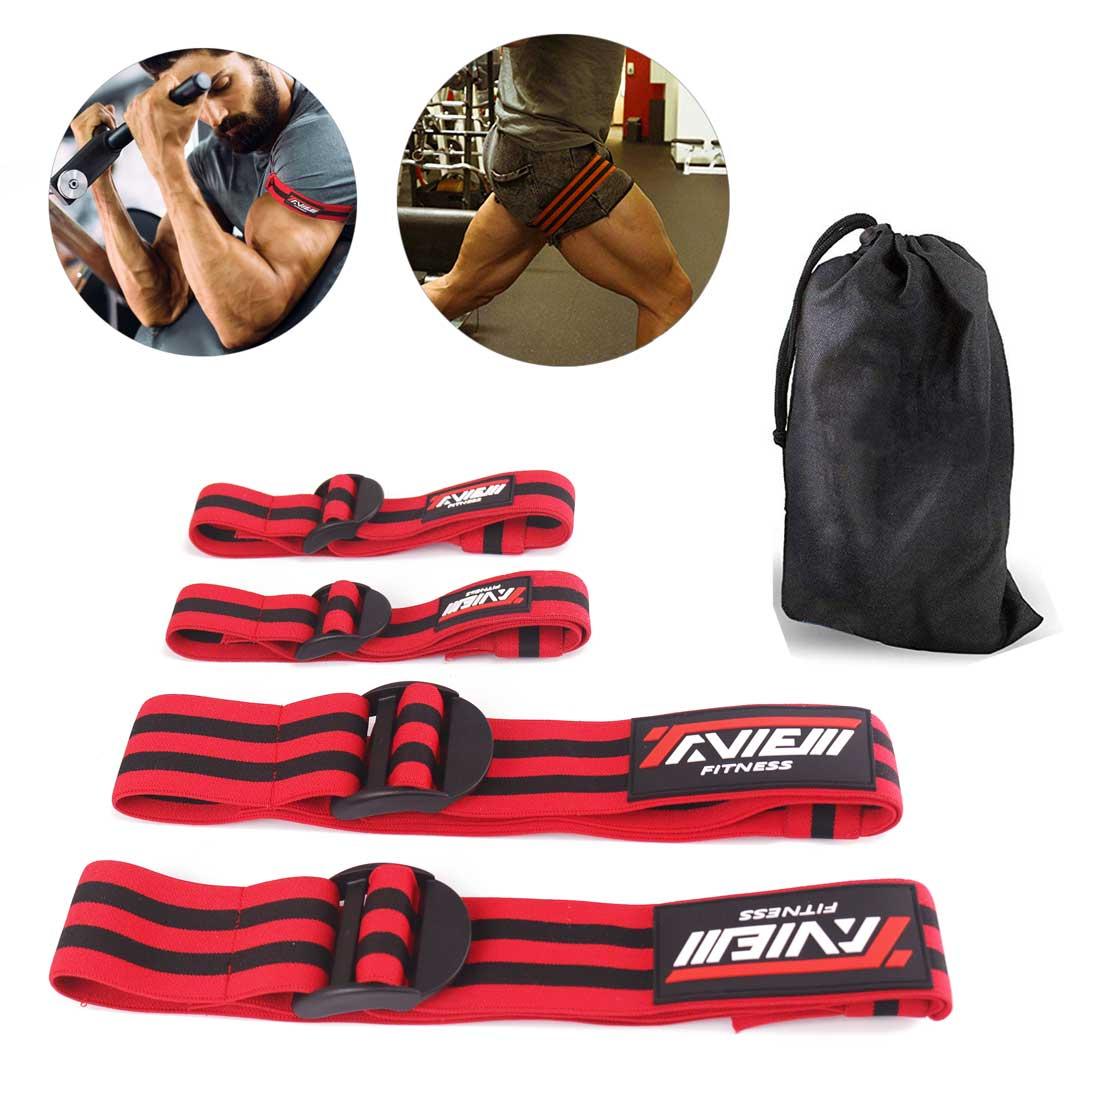 Bandas de entrenamiento de oclusión para Fitness bandas de restricción de flujo sanguíneo de peso corporal bandas de pierna del brazo envolturas de entrenamiento de músculo rápido equipo de gimnasio